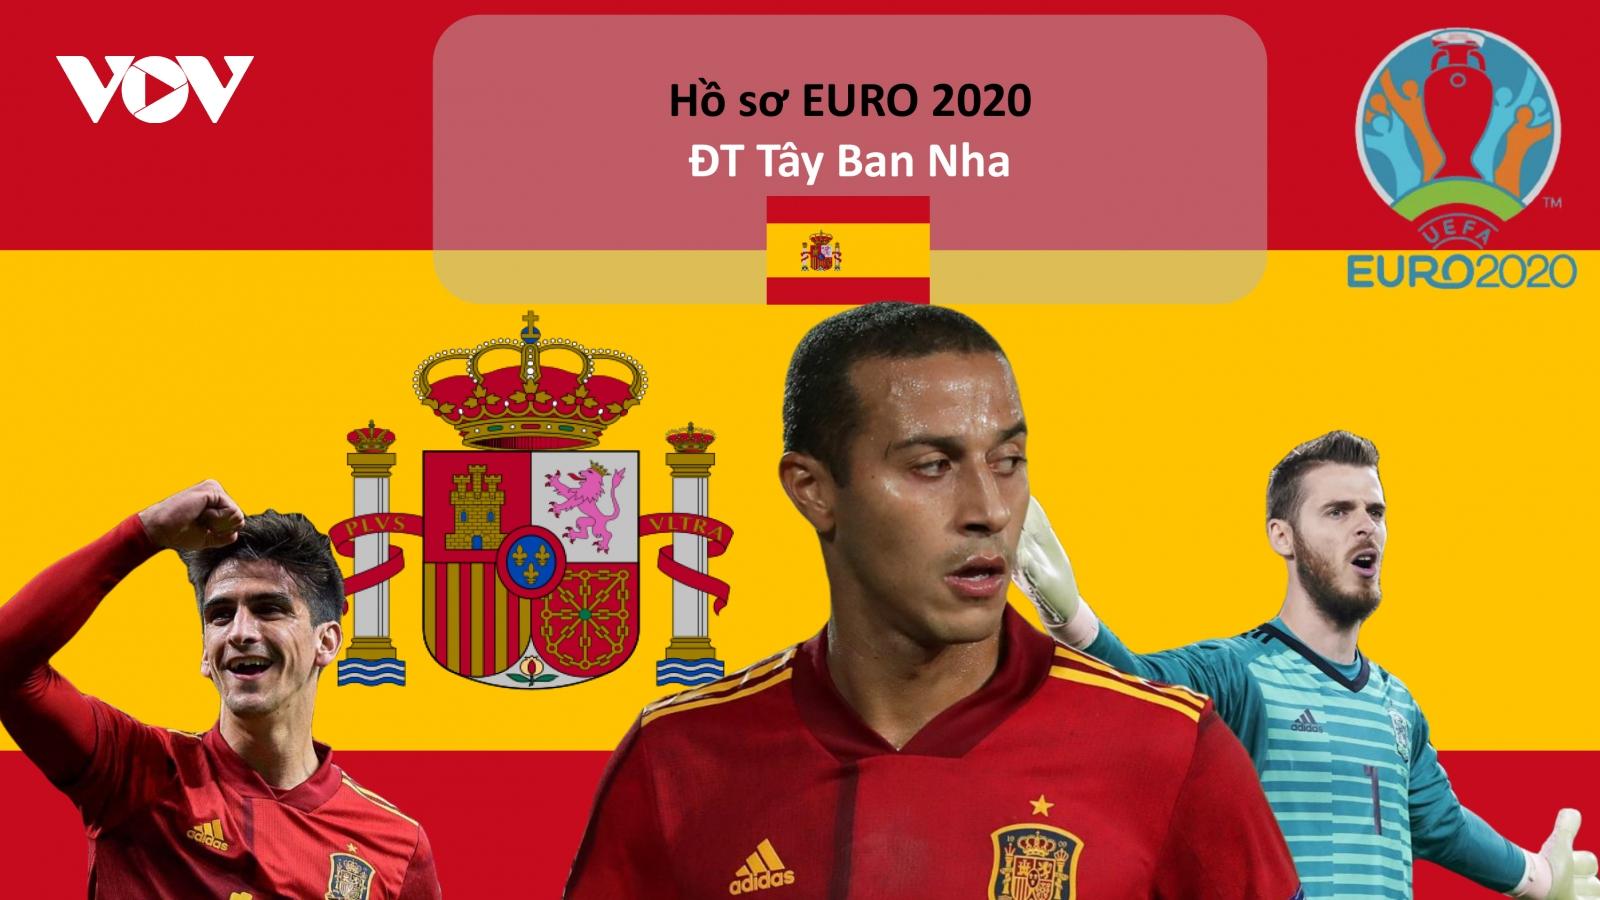 Hồ sơ các ĐT dự EURO 2020: Đội tuyển Tây Ban Nha